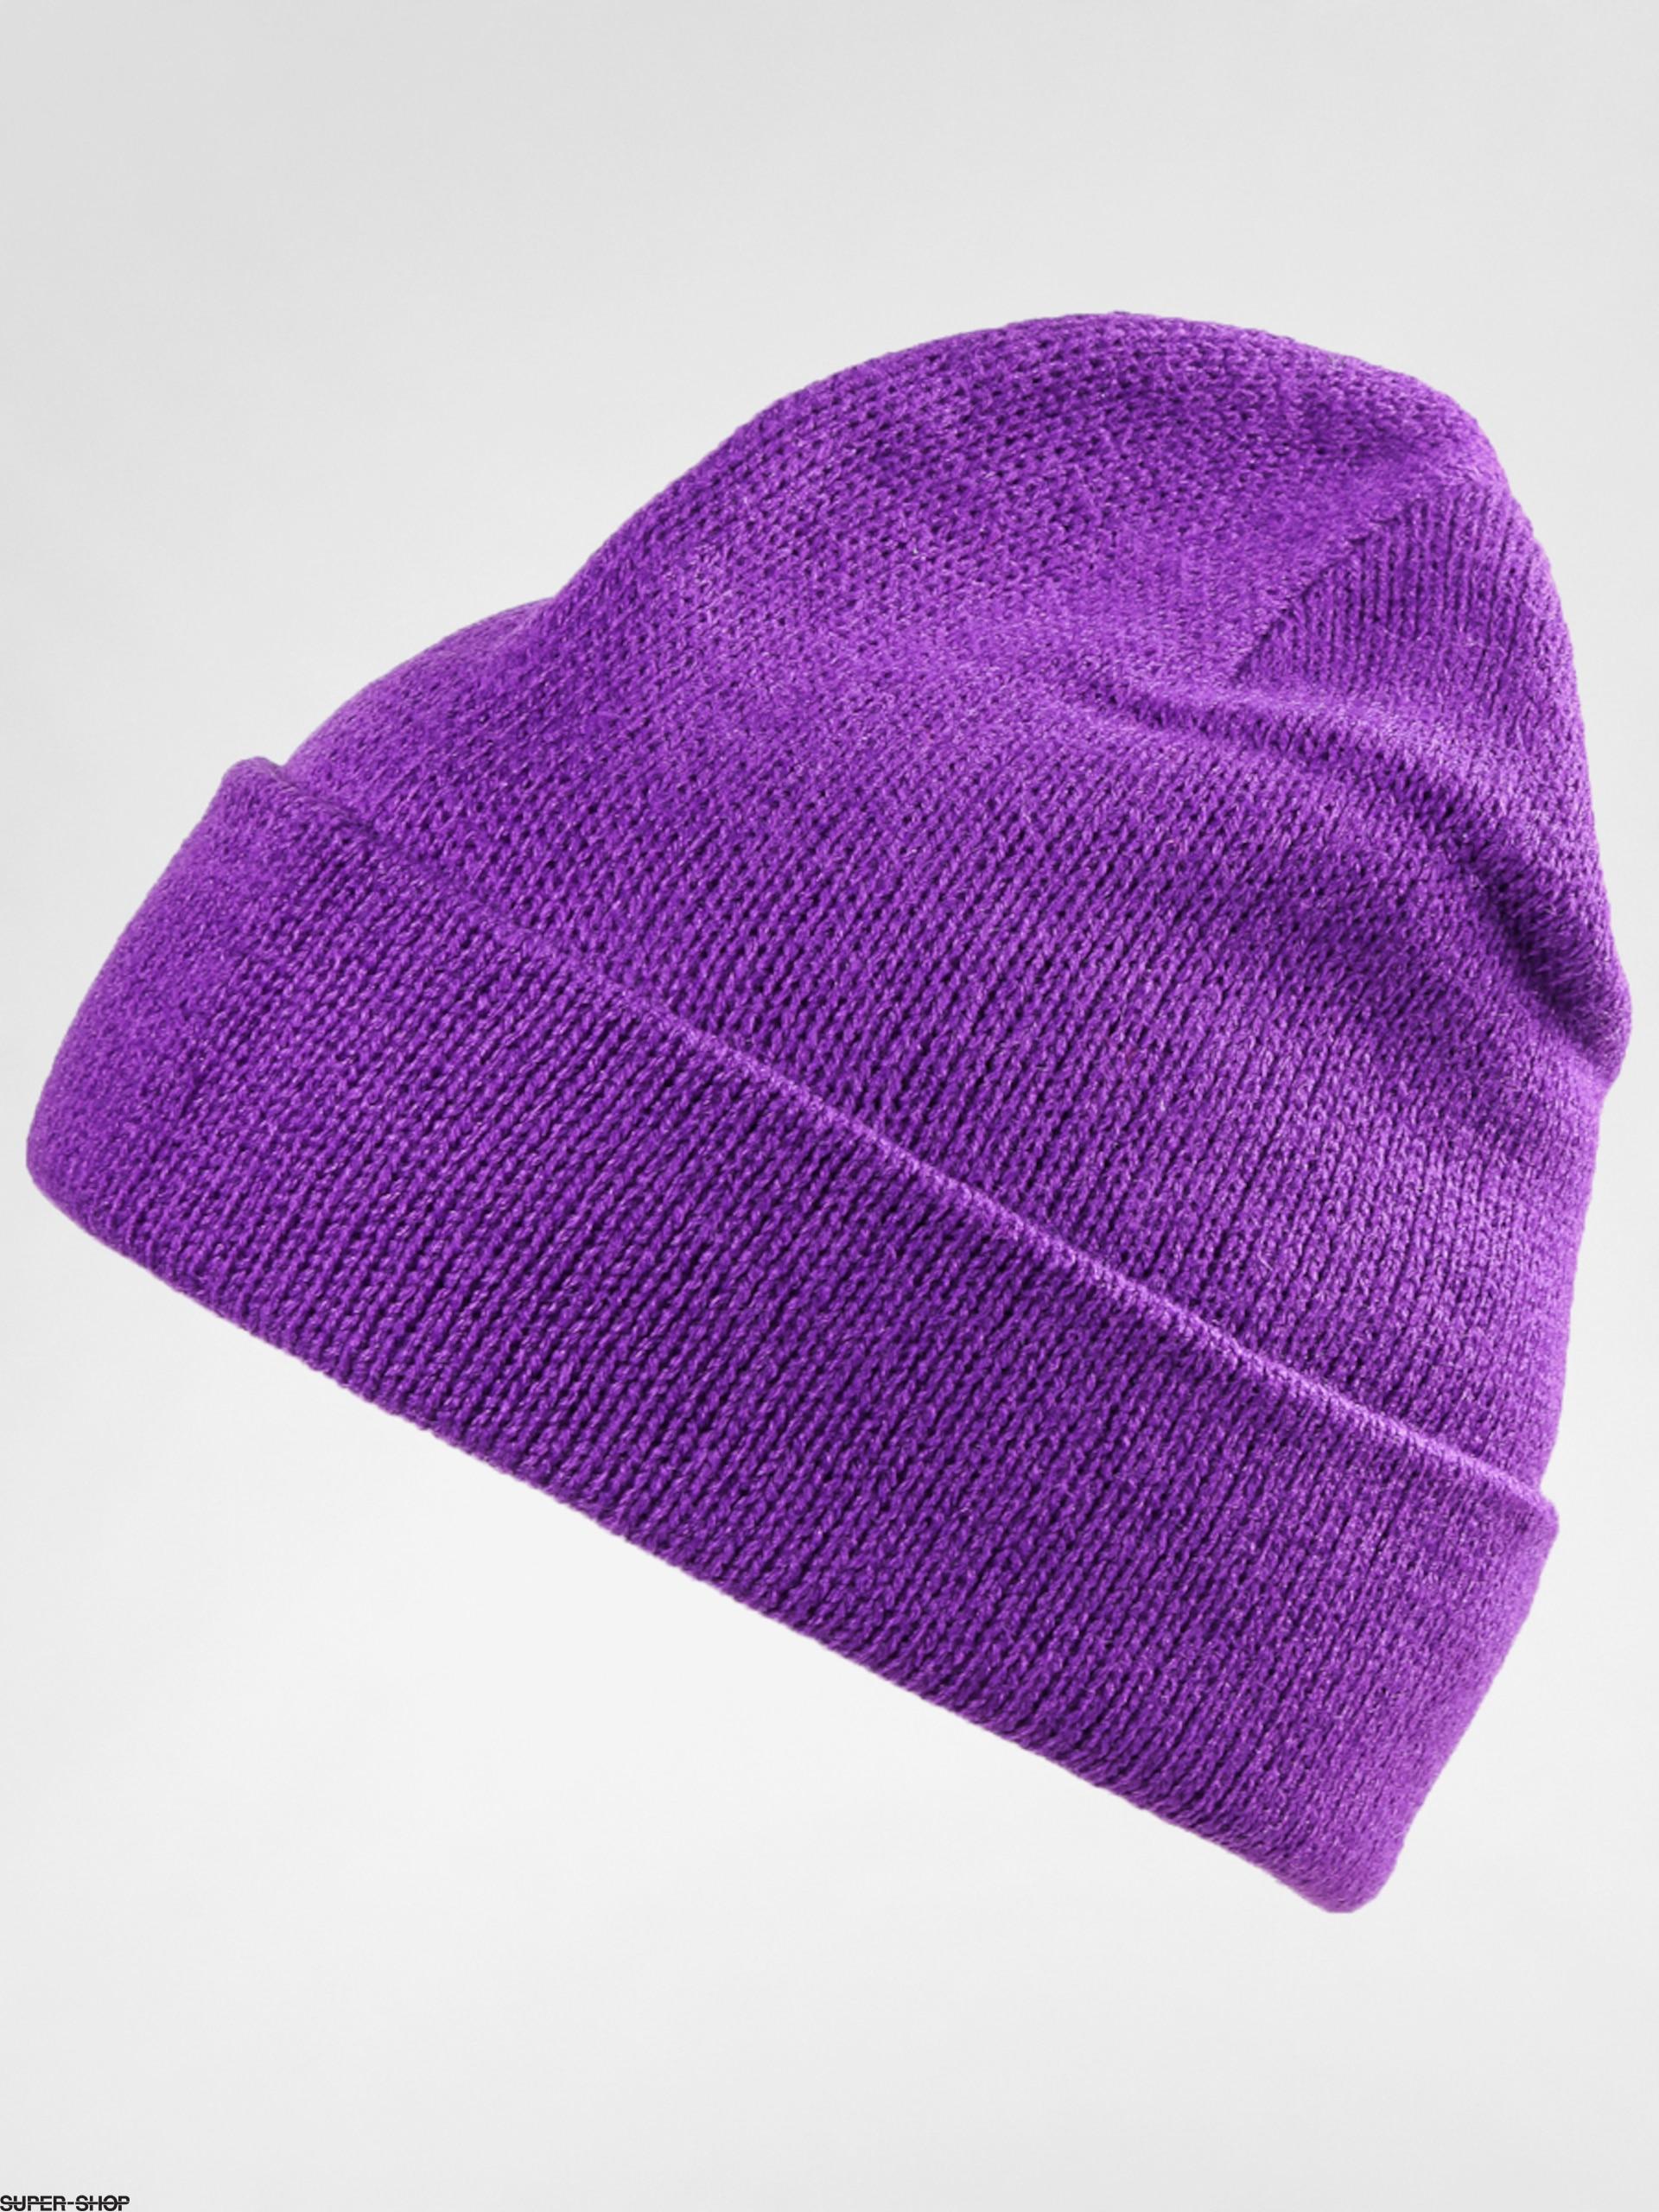 464d4e91acc46 Coal Beanie The Flt (purple)